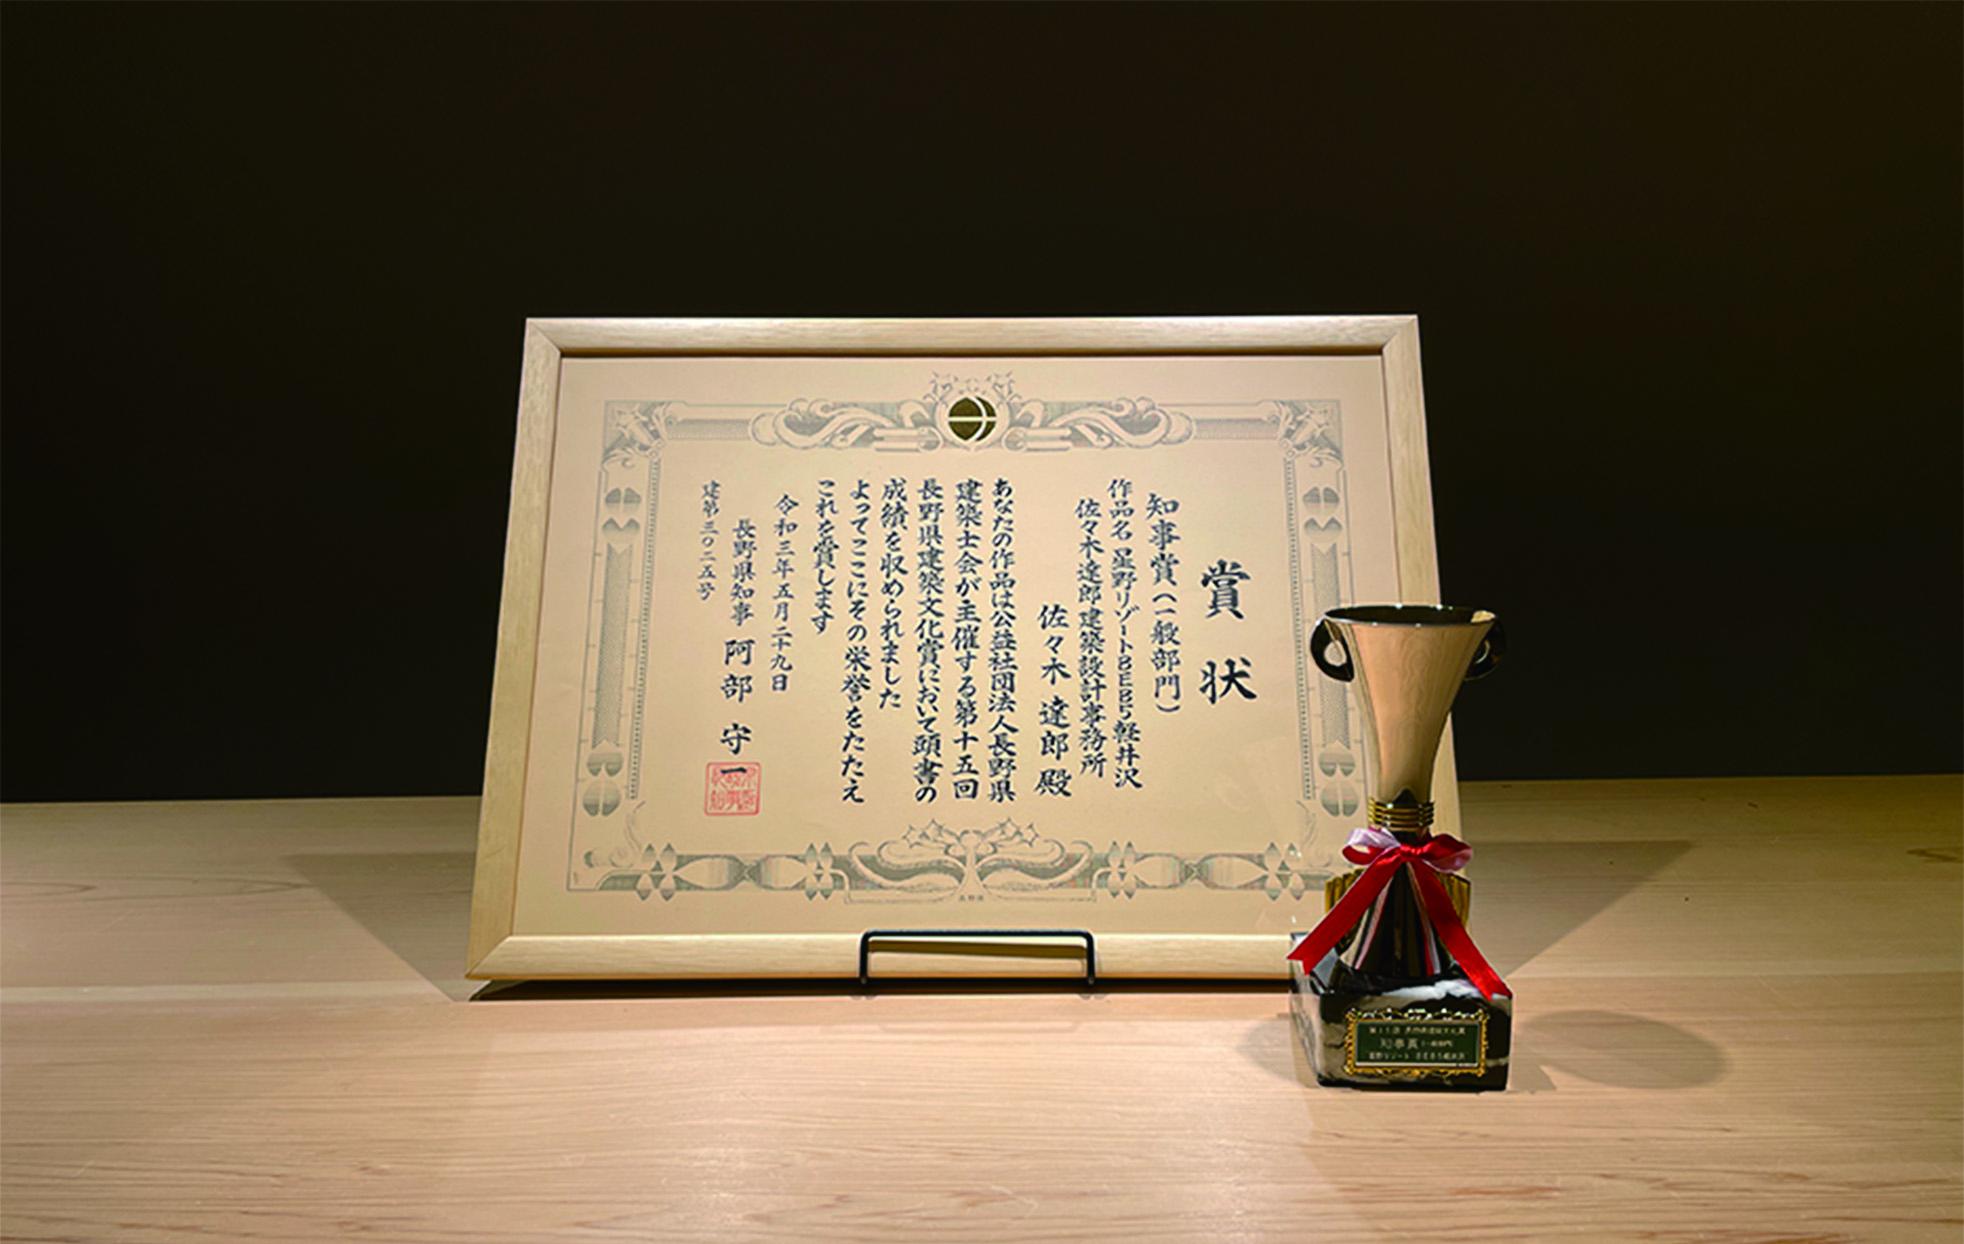 長野県建築文化賞の賞状とトロフィー